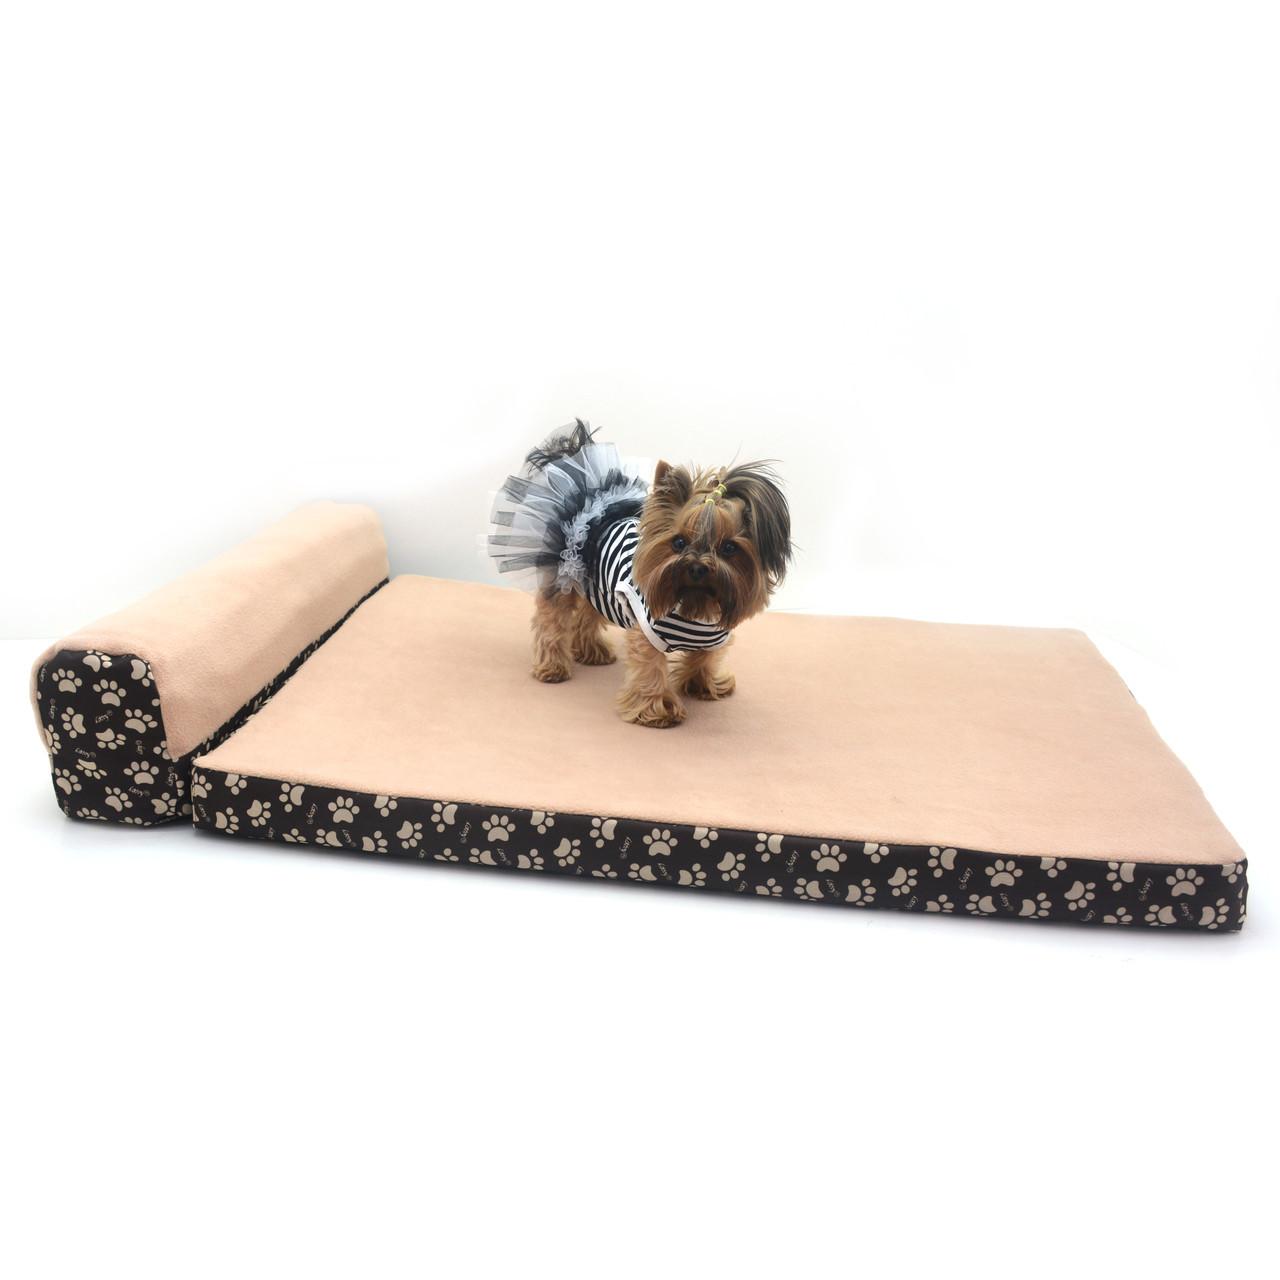 Матрас для собак и котов Глория коричневый + бежевый